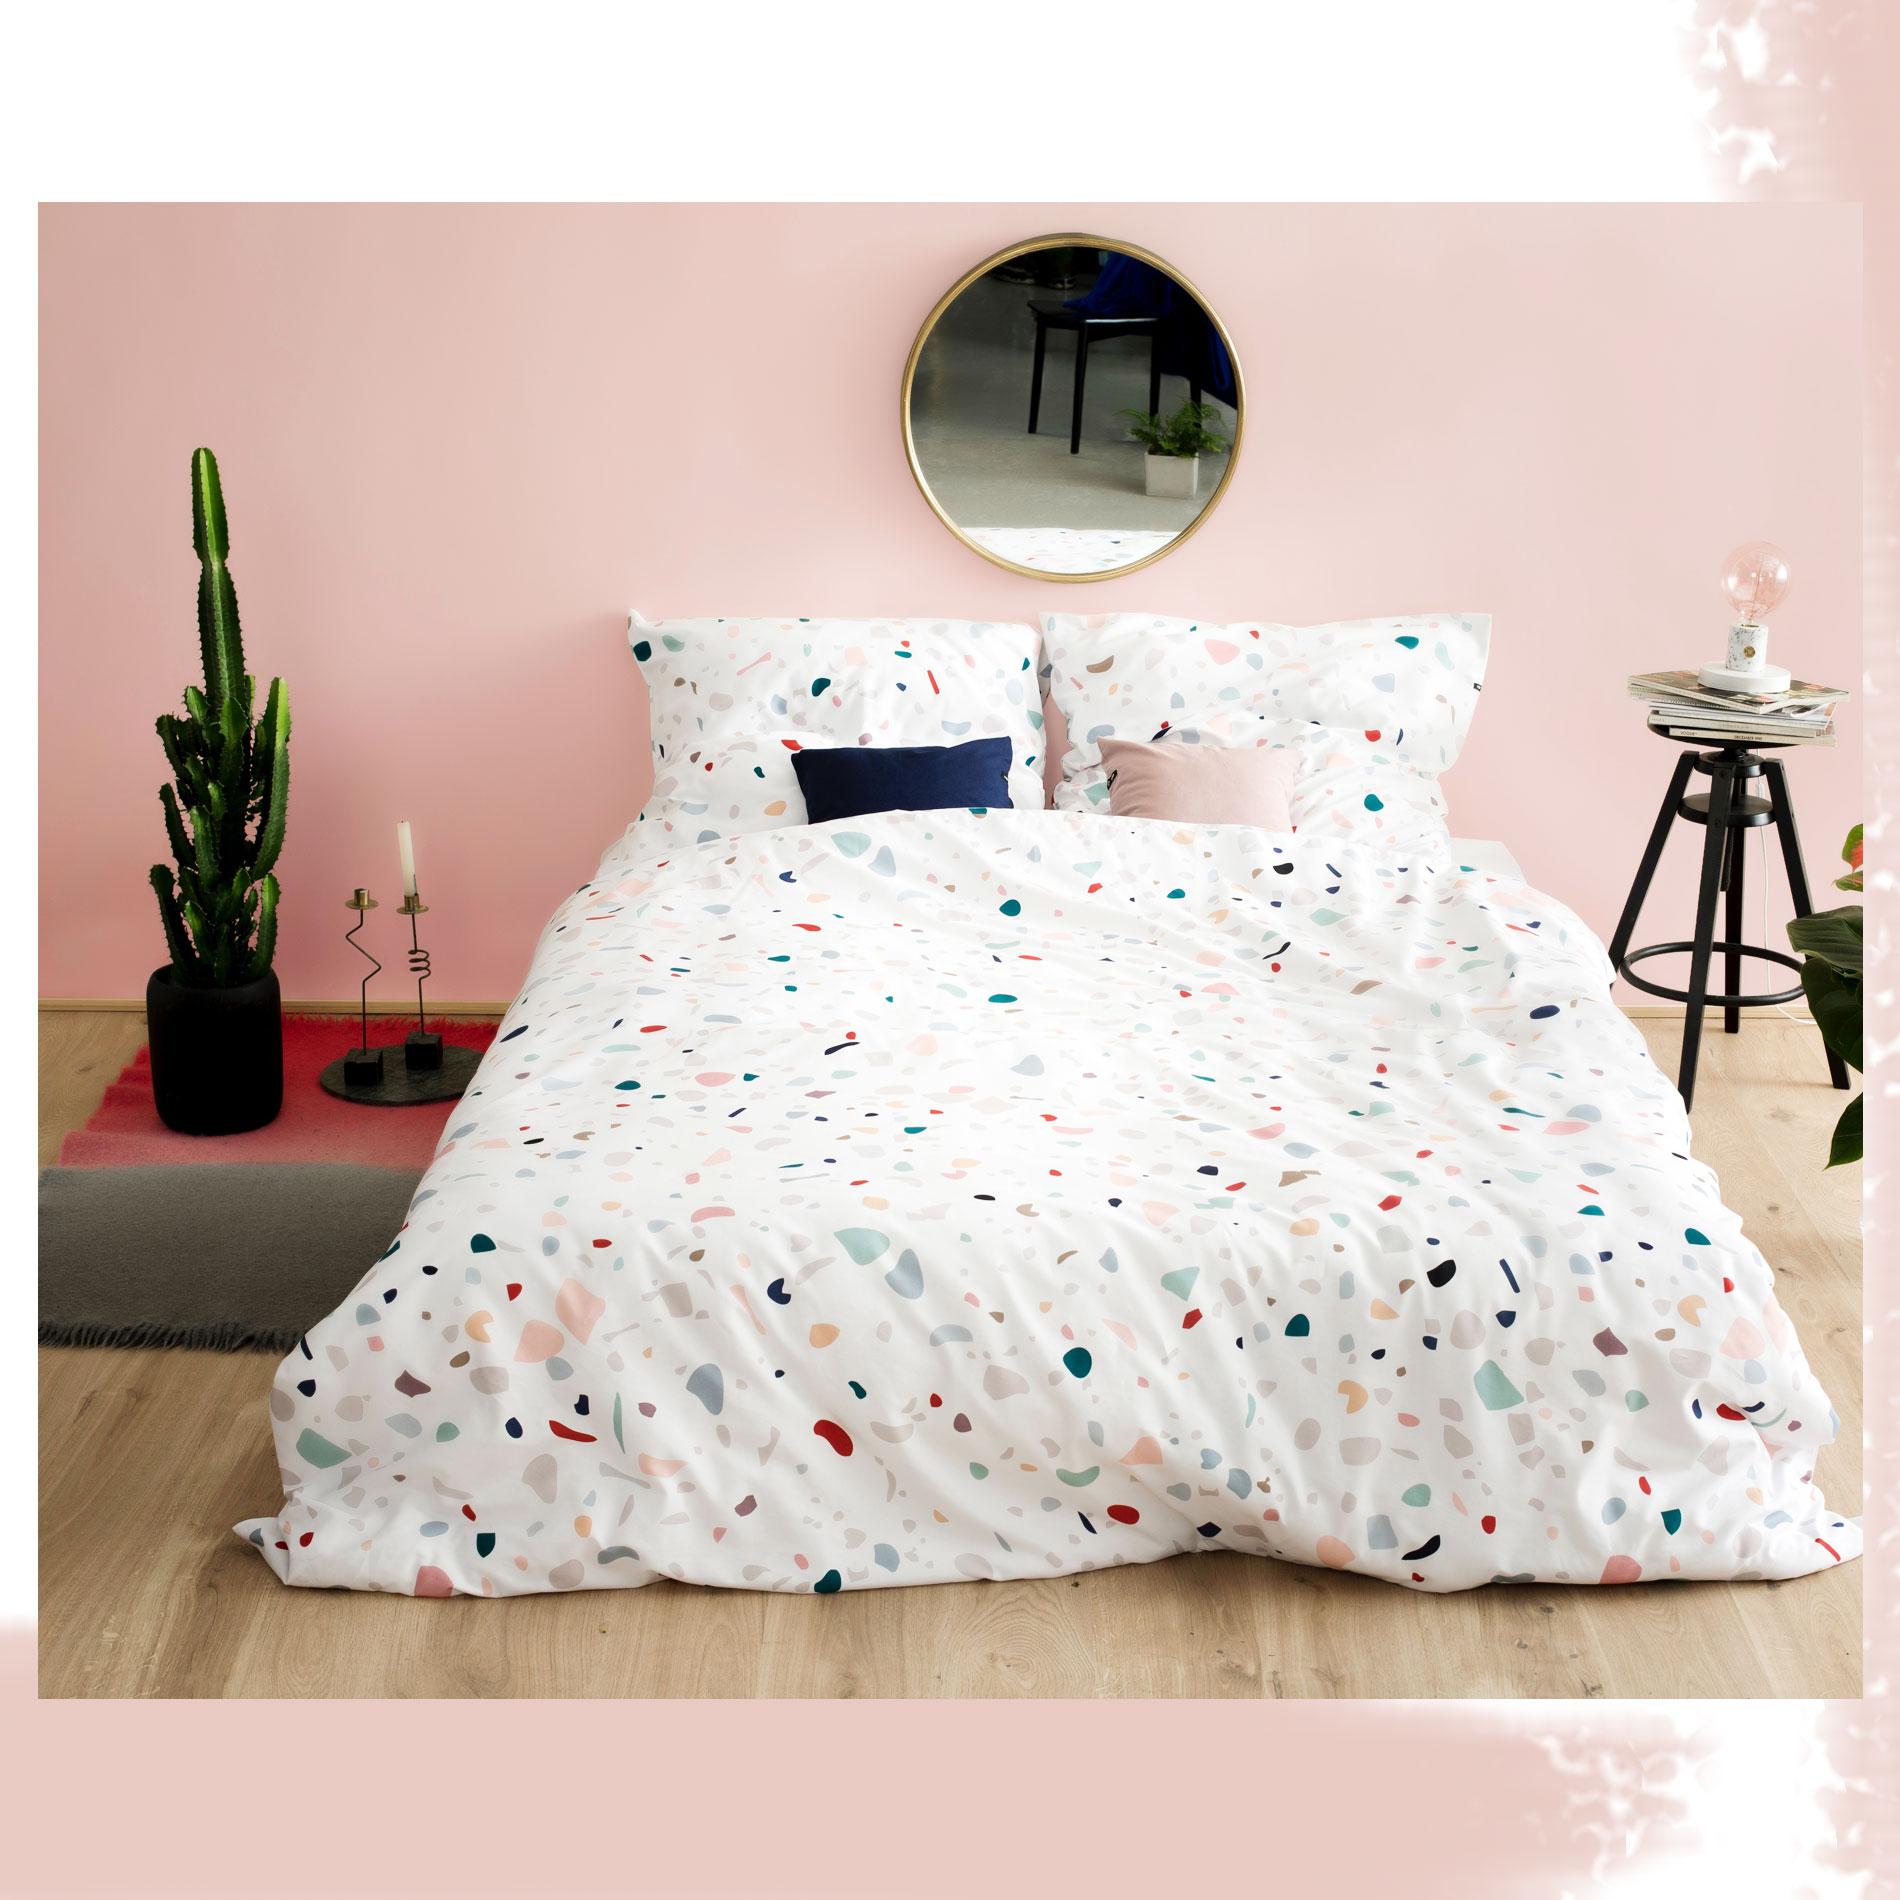 Schlafzimmer dekorieren, Schlafzimmer einrichten, Tipps für ein schönes Schlafzimmer, Wohlfühloase im Schlafzimmer, 6 Schritte zum gemütlichen Schlafzimmer, Schlafzimmer-Deko, Schlafzimmer-Pflanzen, Mehr Gemütlichkeit im Schlafzimmer, Schlafzimmer-Dekoration, Schlafzimmer-Einrichtung, schönes Schlafzimmer, Wohnen, Leben, Home Textilien, Textilien für das Schlafzimmer,